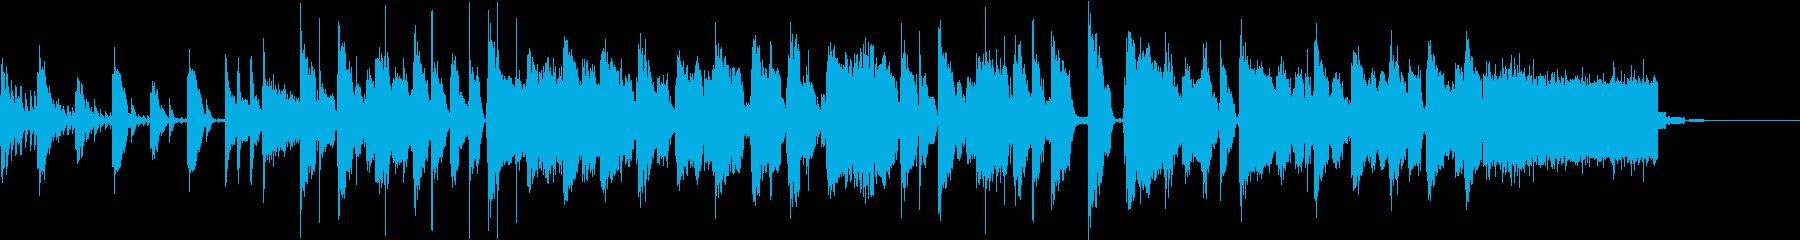 かわいくてポップなディスコ調のCM曲の再生済みの波形